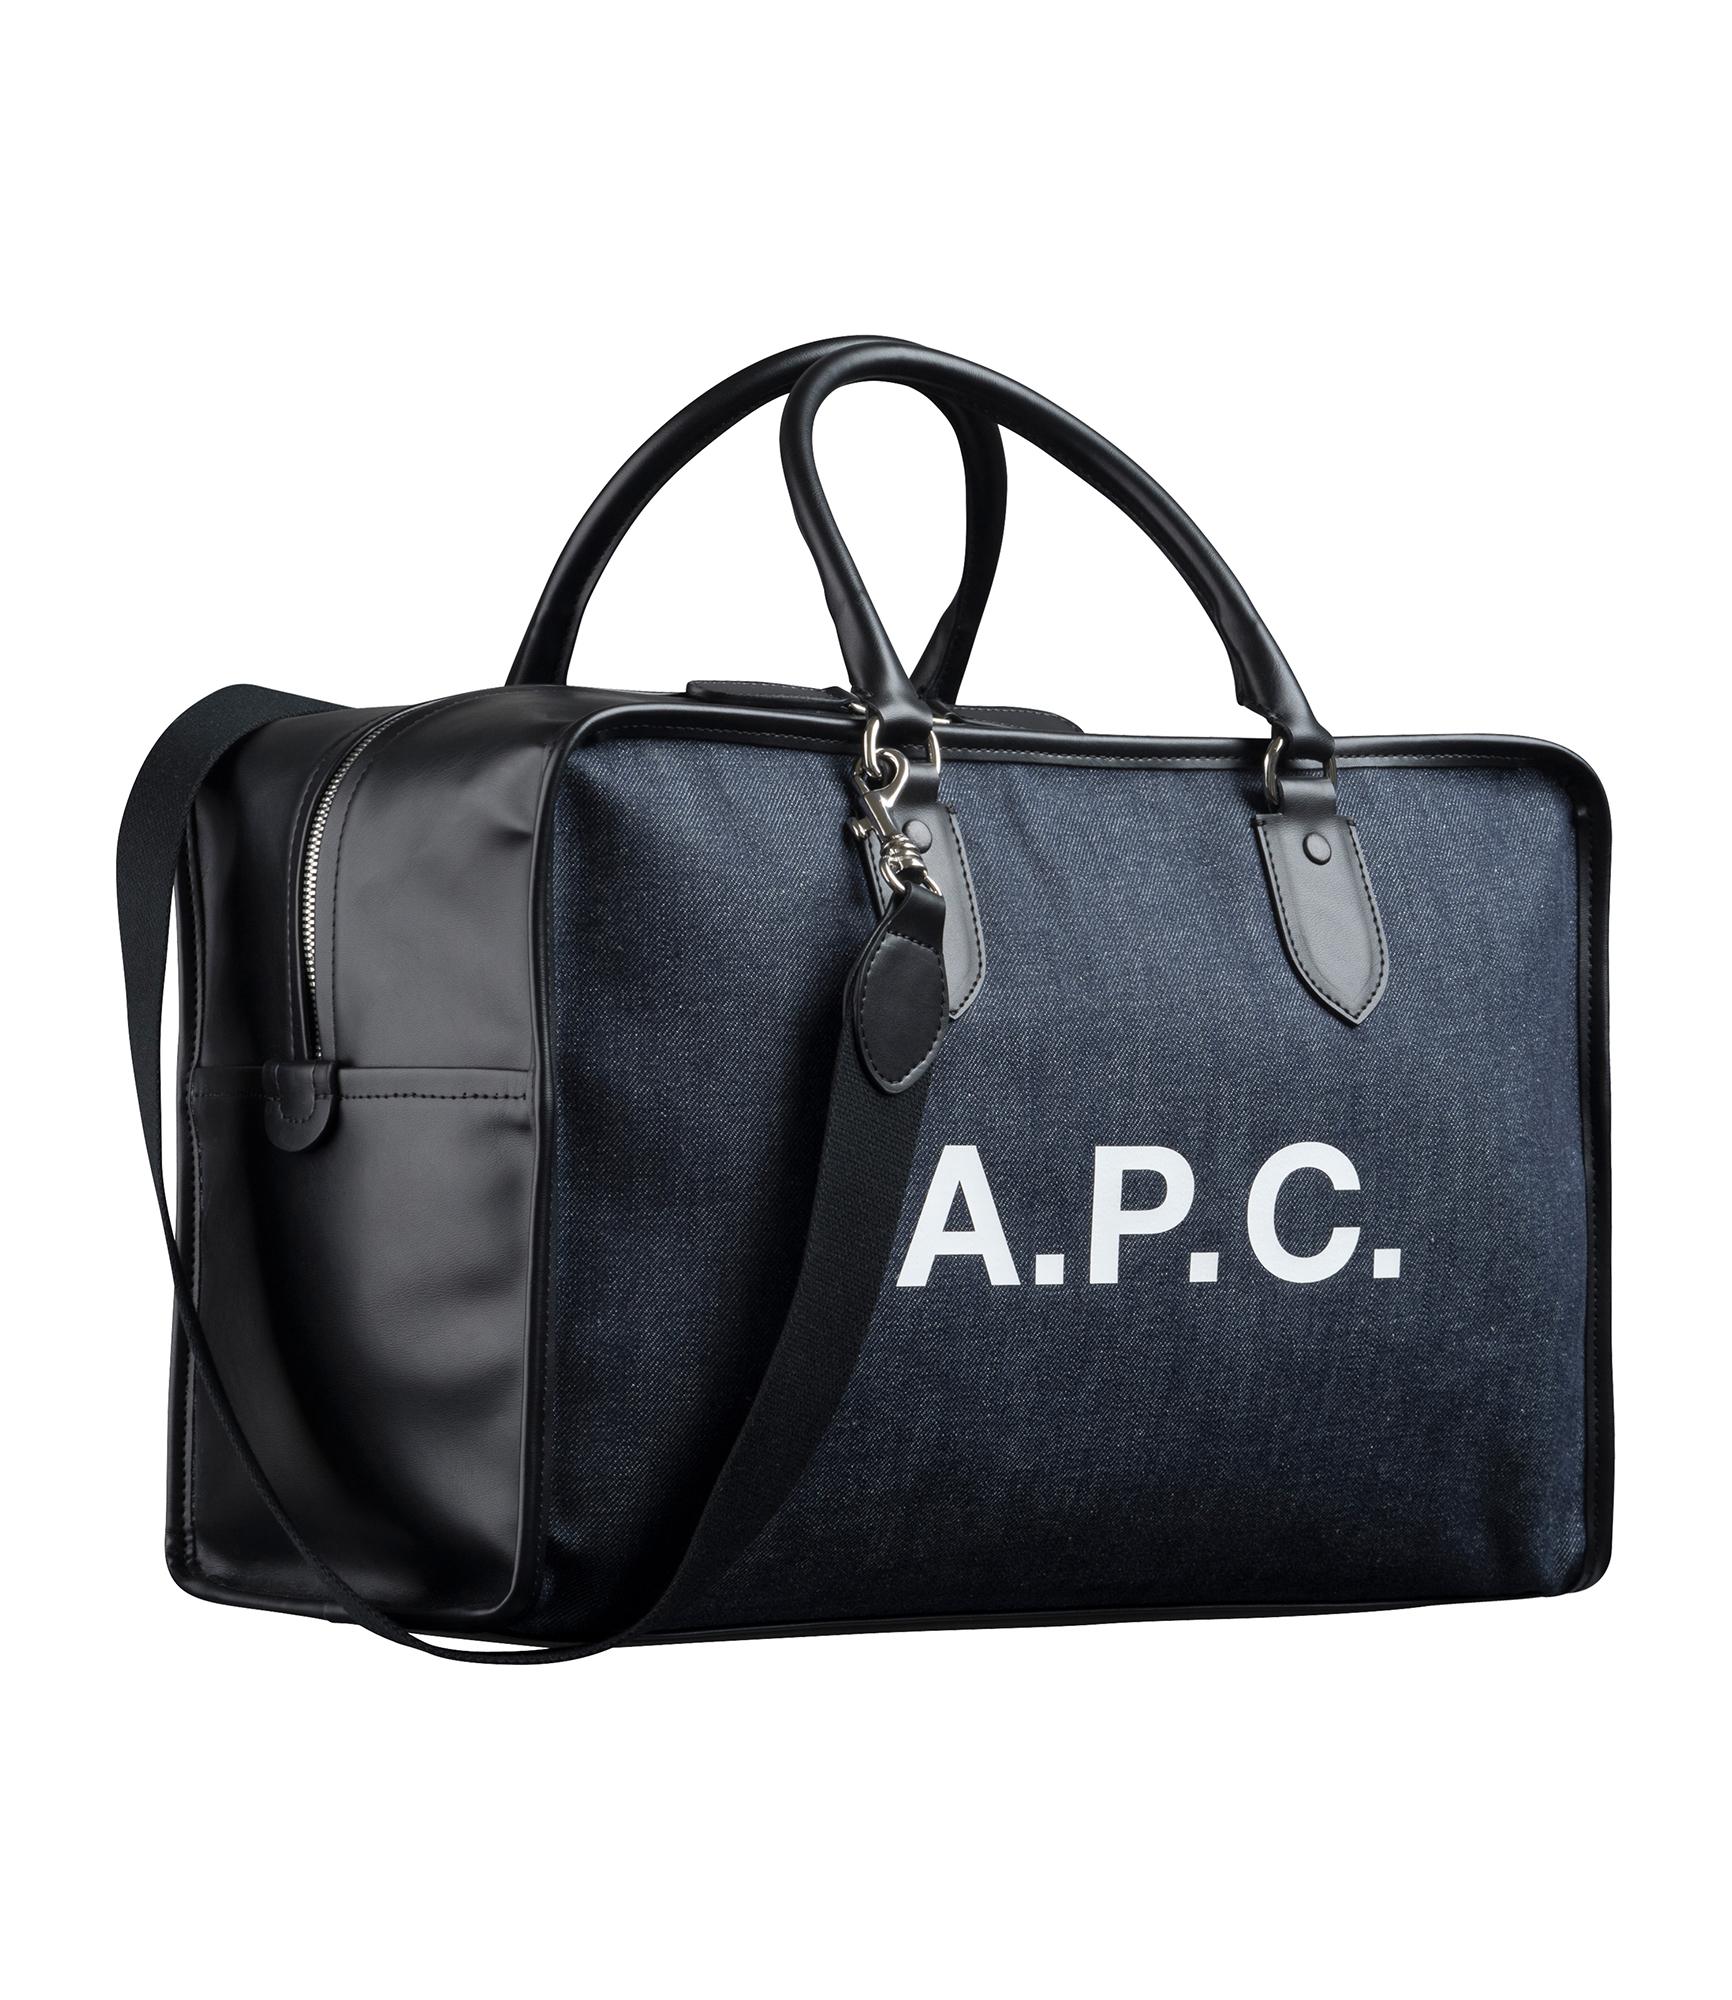 A.P.C. (アーペーセー) ボストンバッグ